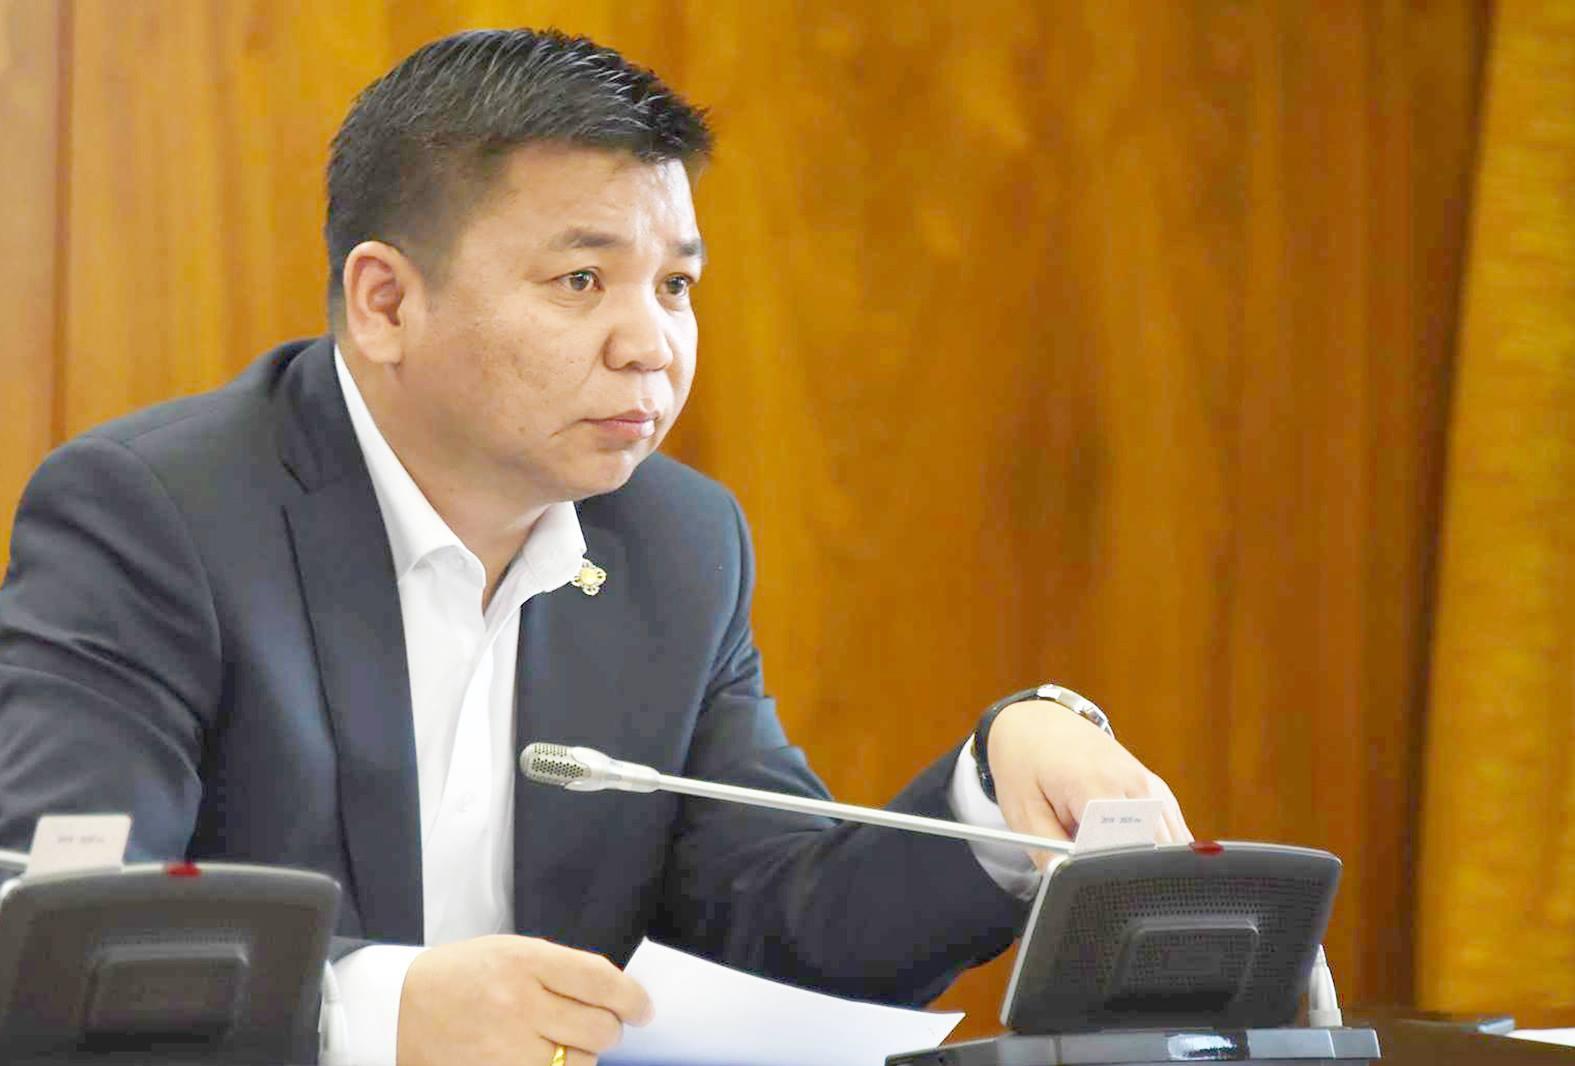 Л.Энхболд: Монголын ард түмний өмчийг хэн ч хулгай хийж болохгүй